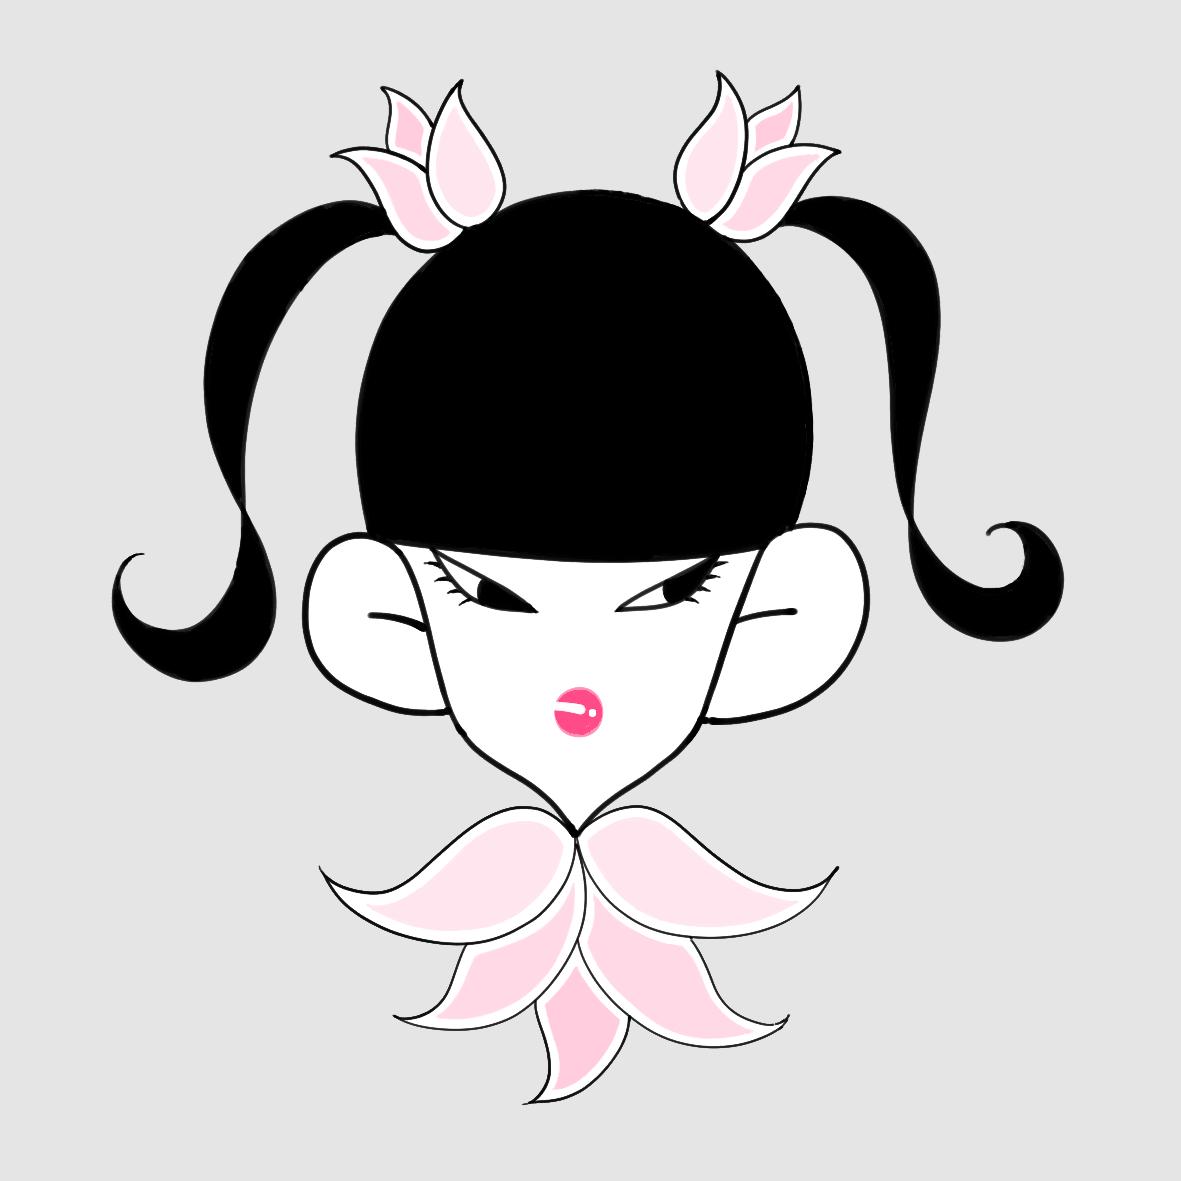 女の子のアイコン描きます ファンアートやSNS用アイコンにどうぞ! イメージ1